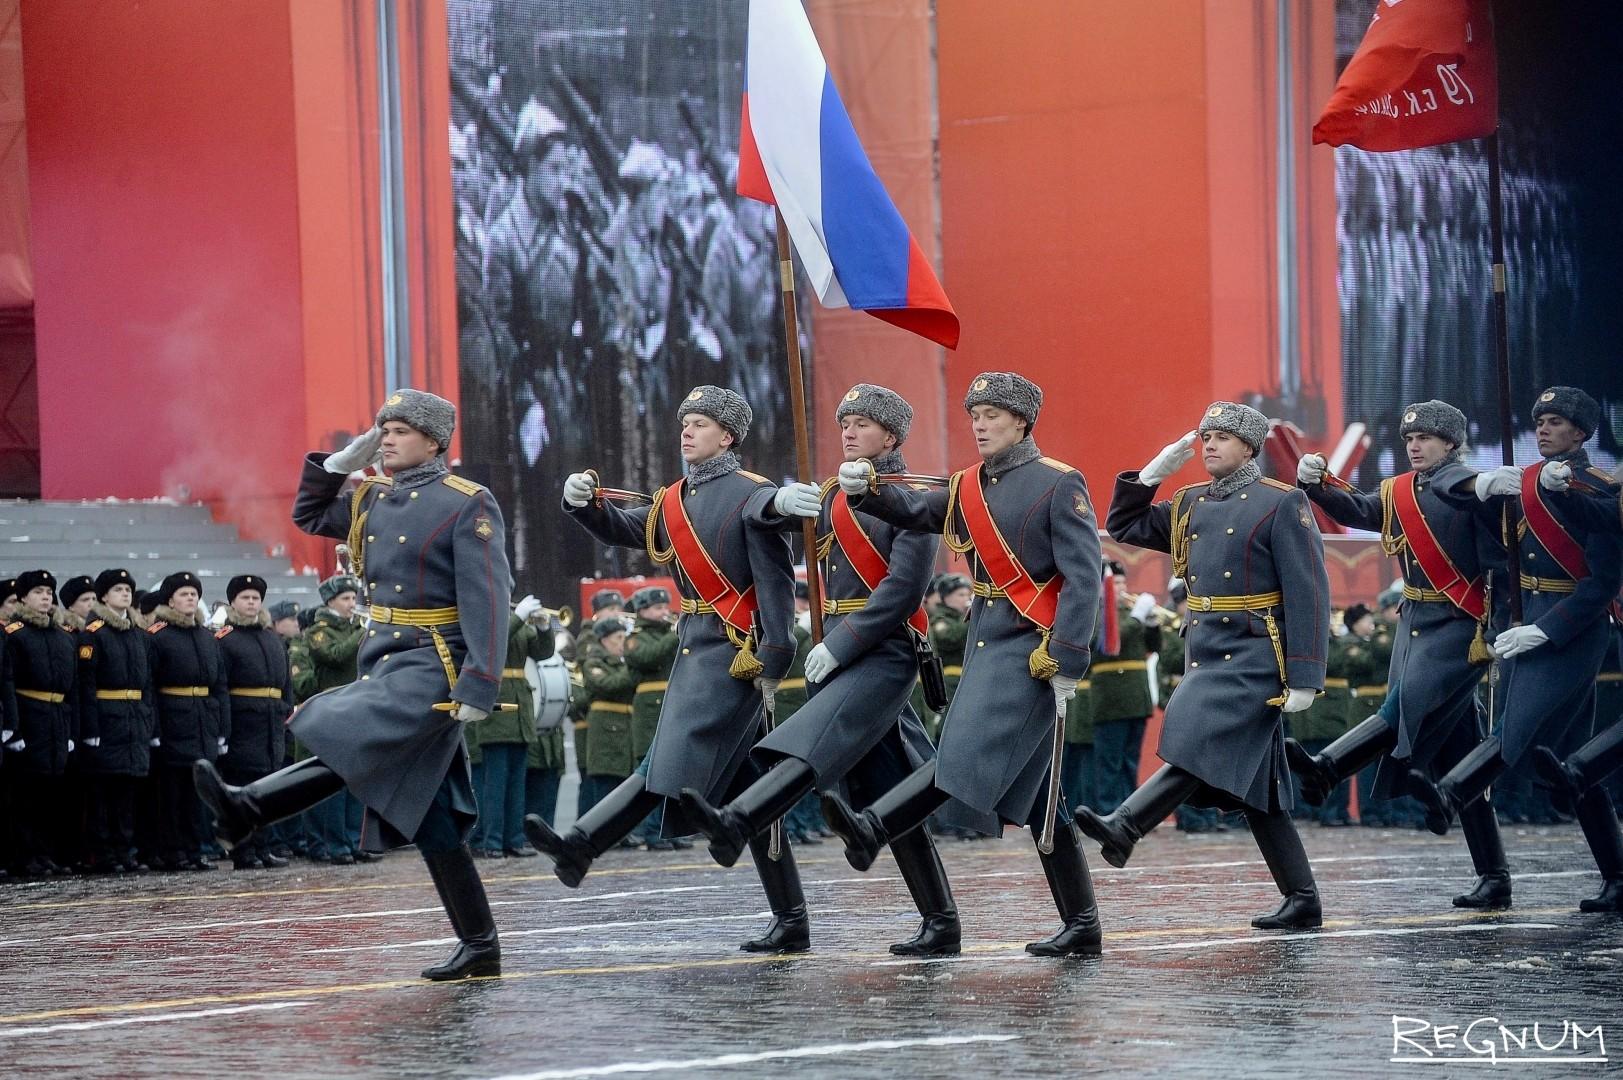 именно иллюстрации к военному маршу быть тренде, выглядя